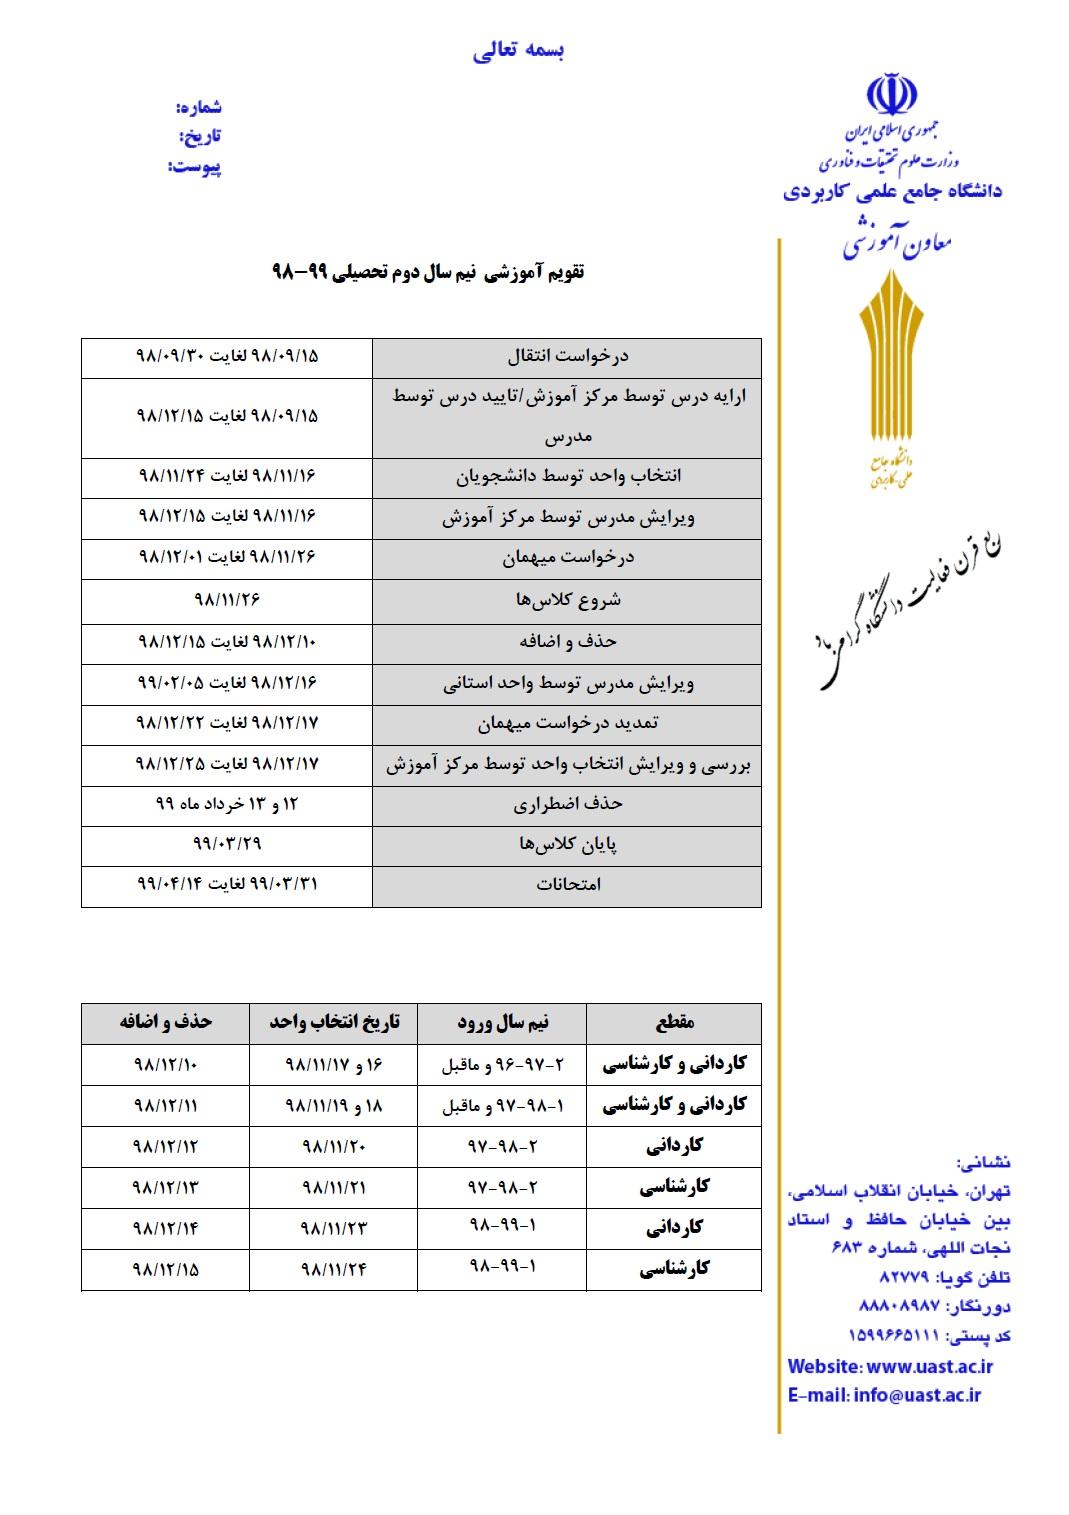 تقویم آموزشی نیمسال دوم 99-98